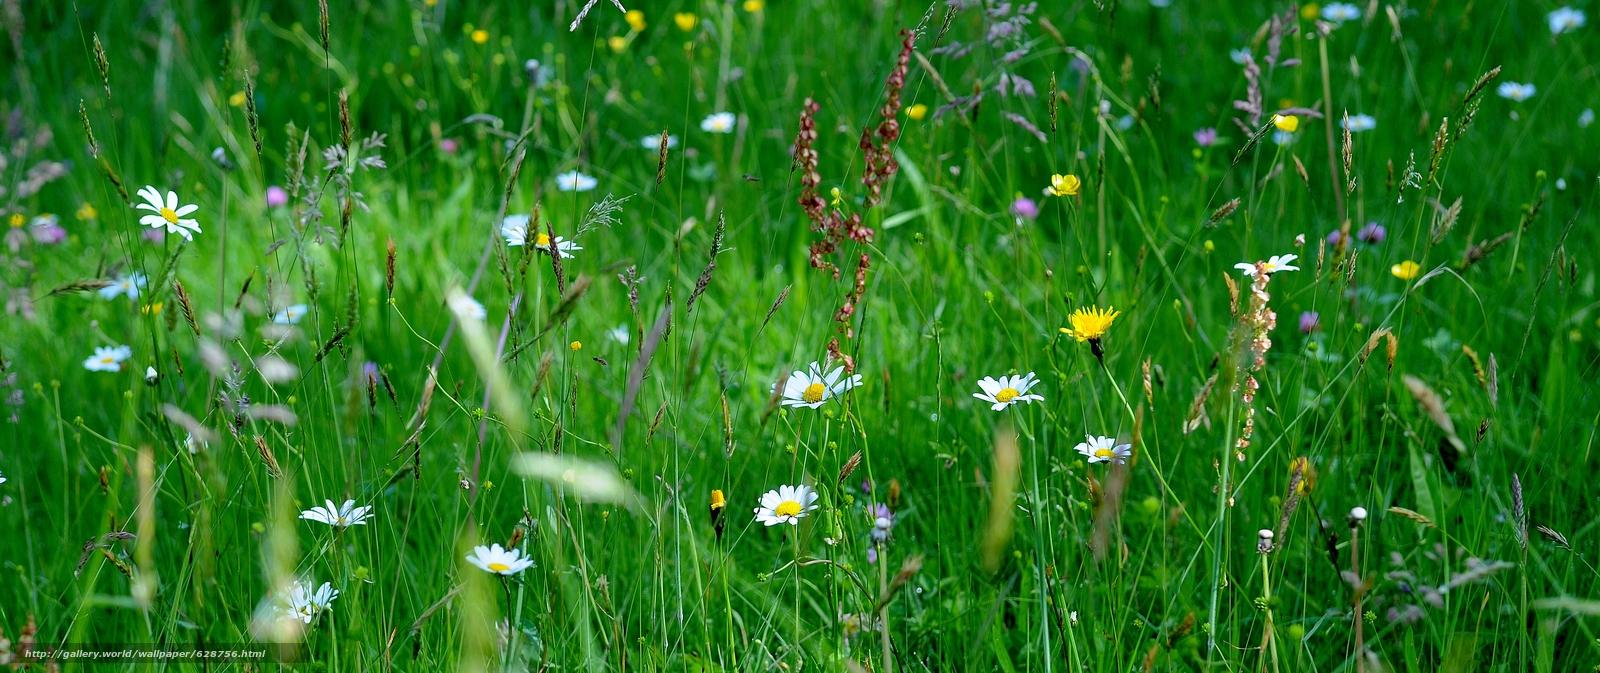 поле, трава, цветы, макро